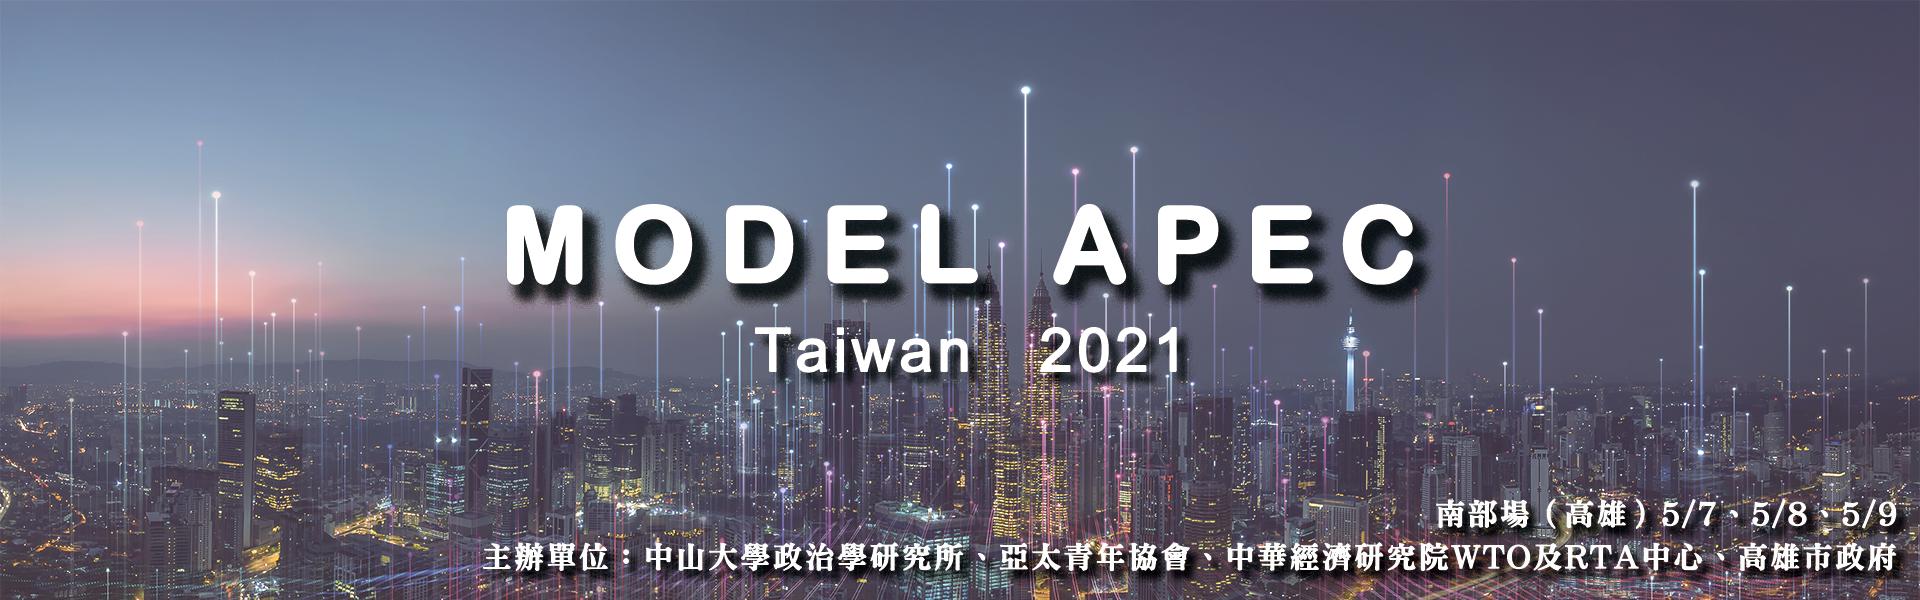 Model APEC